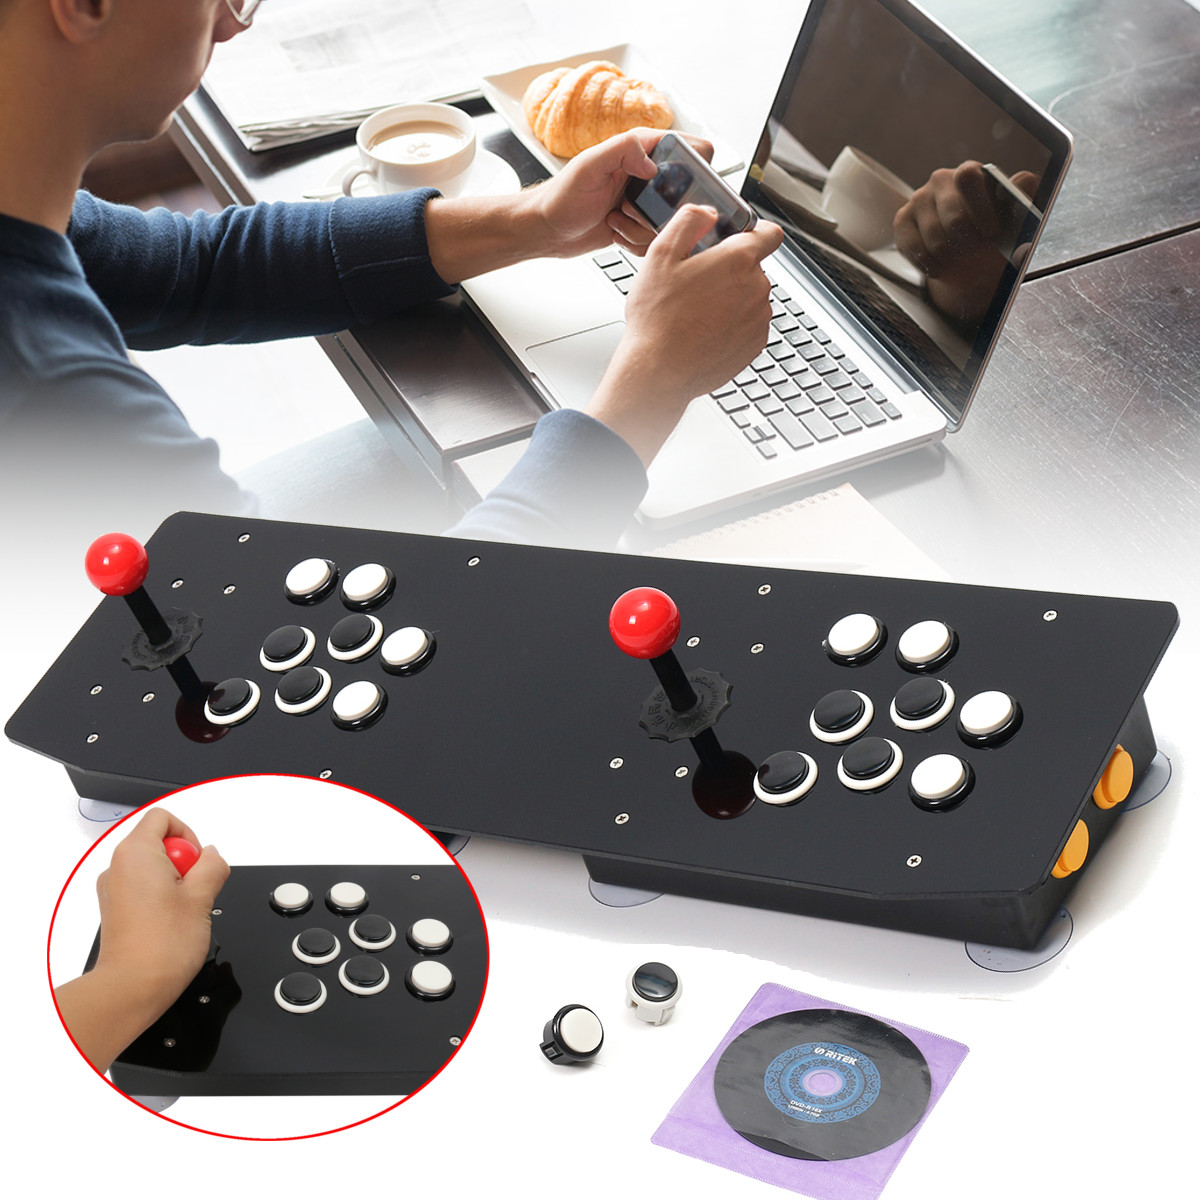 Double bâton d'arcade jeu vidéo manette contrôleur Console PC USB 2 joueurs ordinateur Machine de jeu vidéo jeu accessoires de jeu